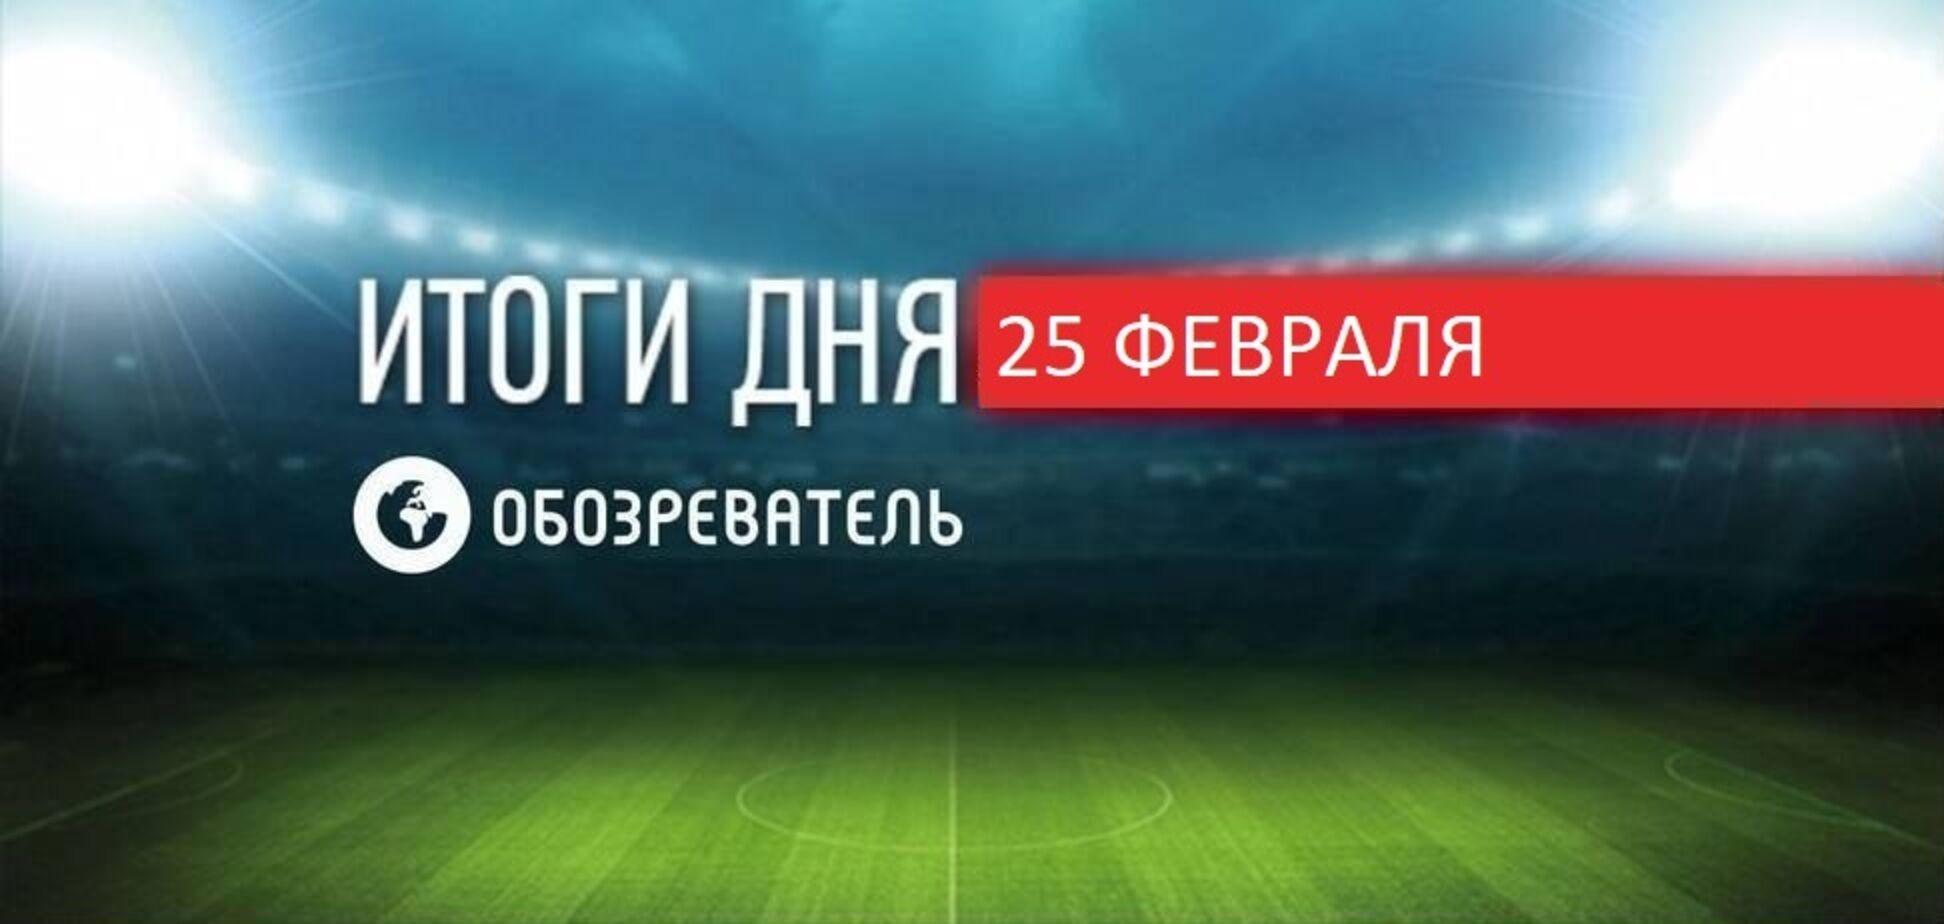 Усик снял клип под советскую песню: спортивные итоги 25 февраля